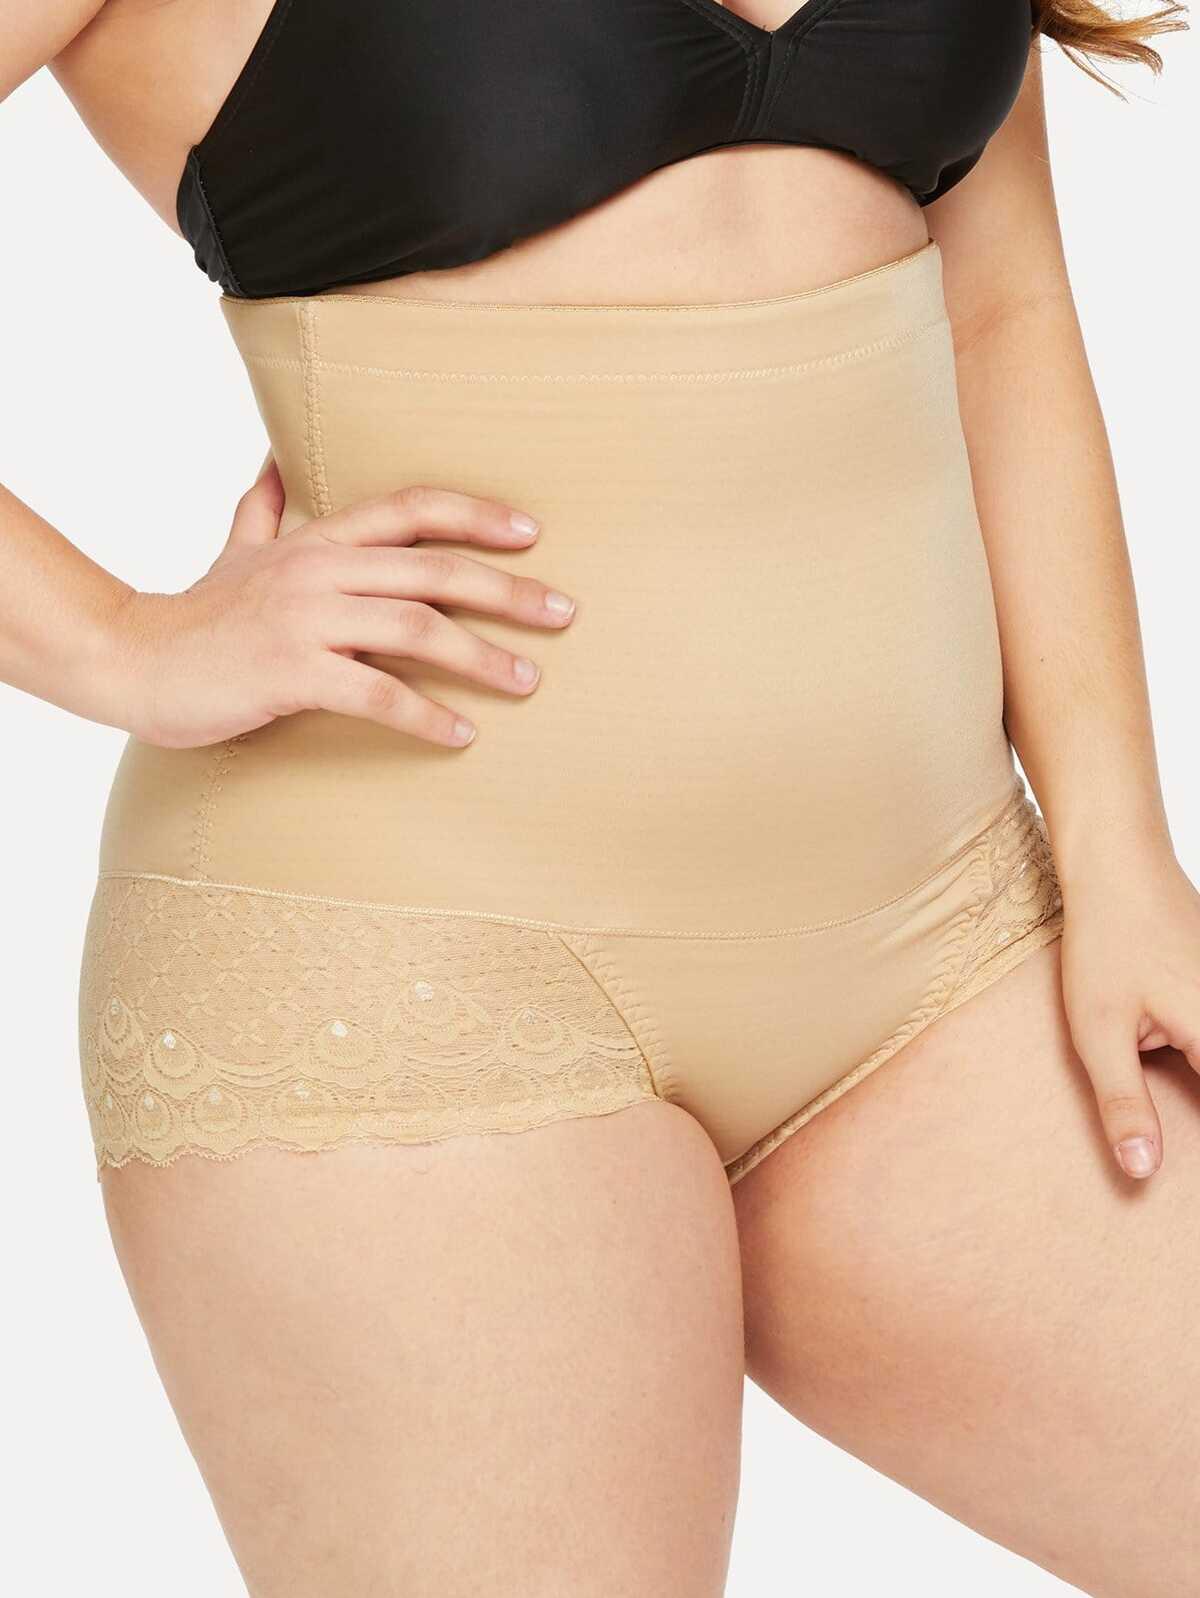 大尺碼 扇形 裝飾 塑身衣 性感內褲